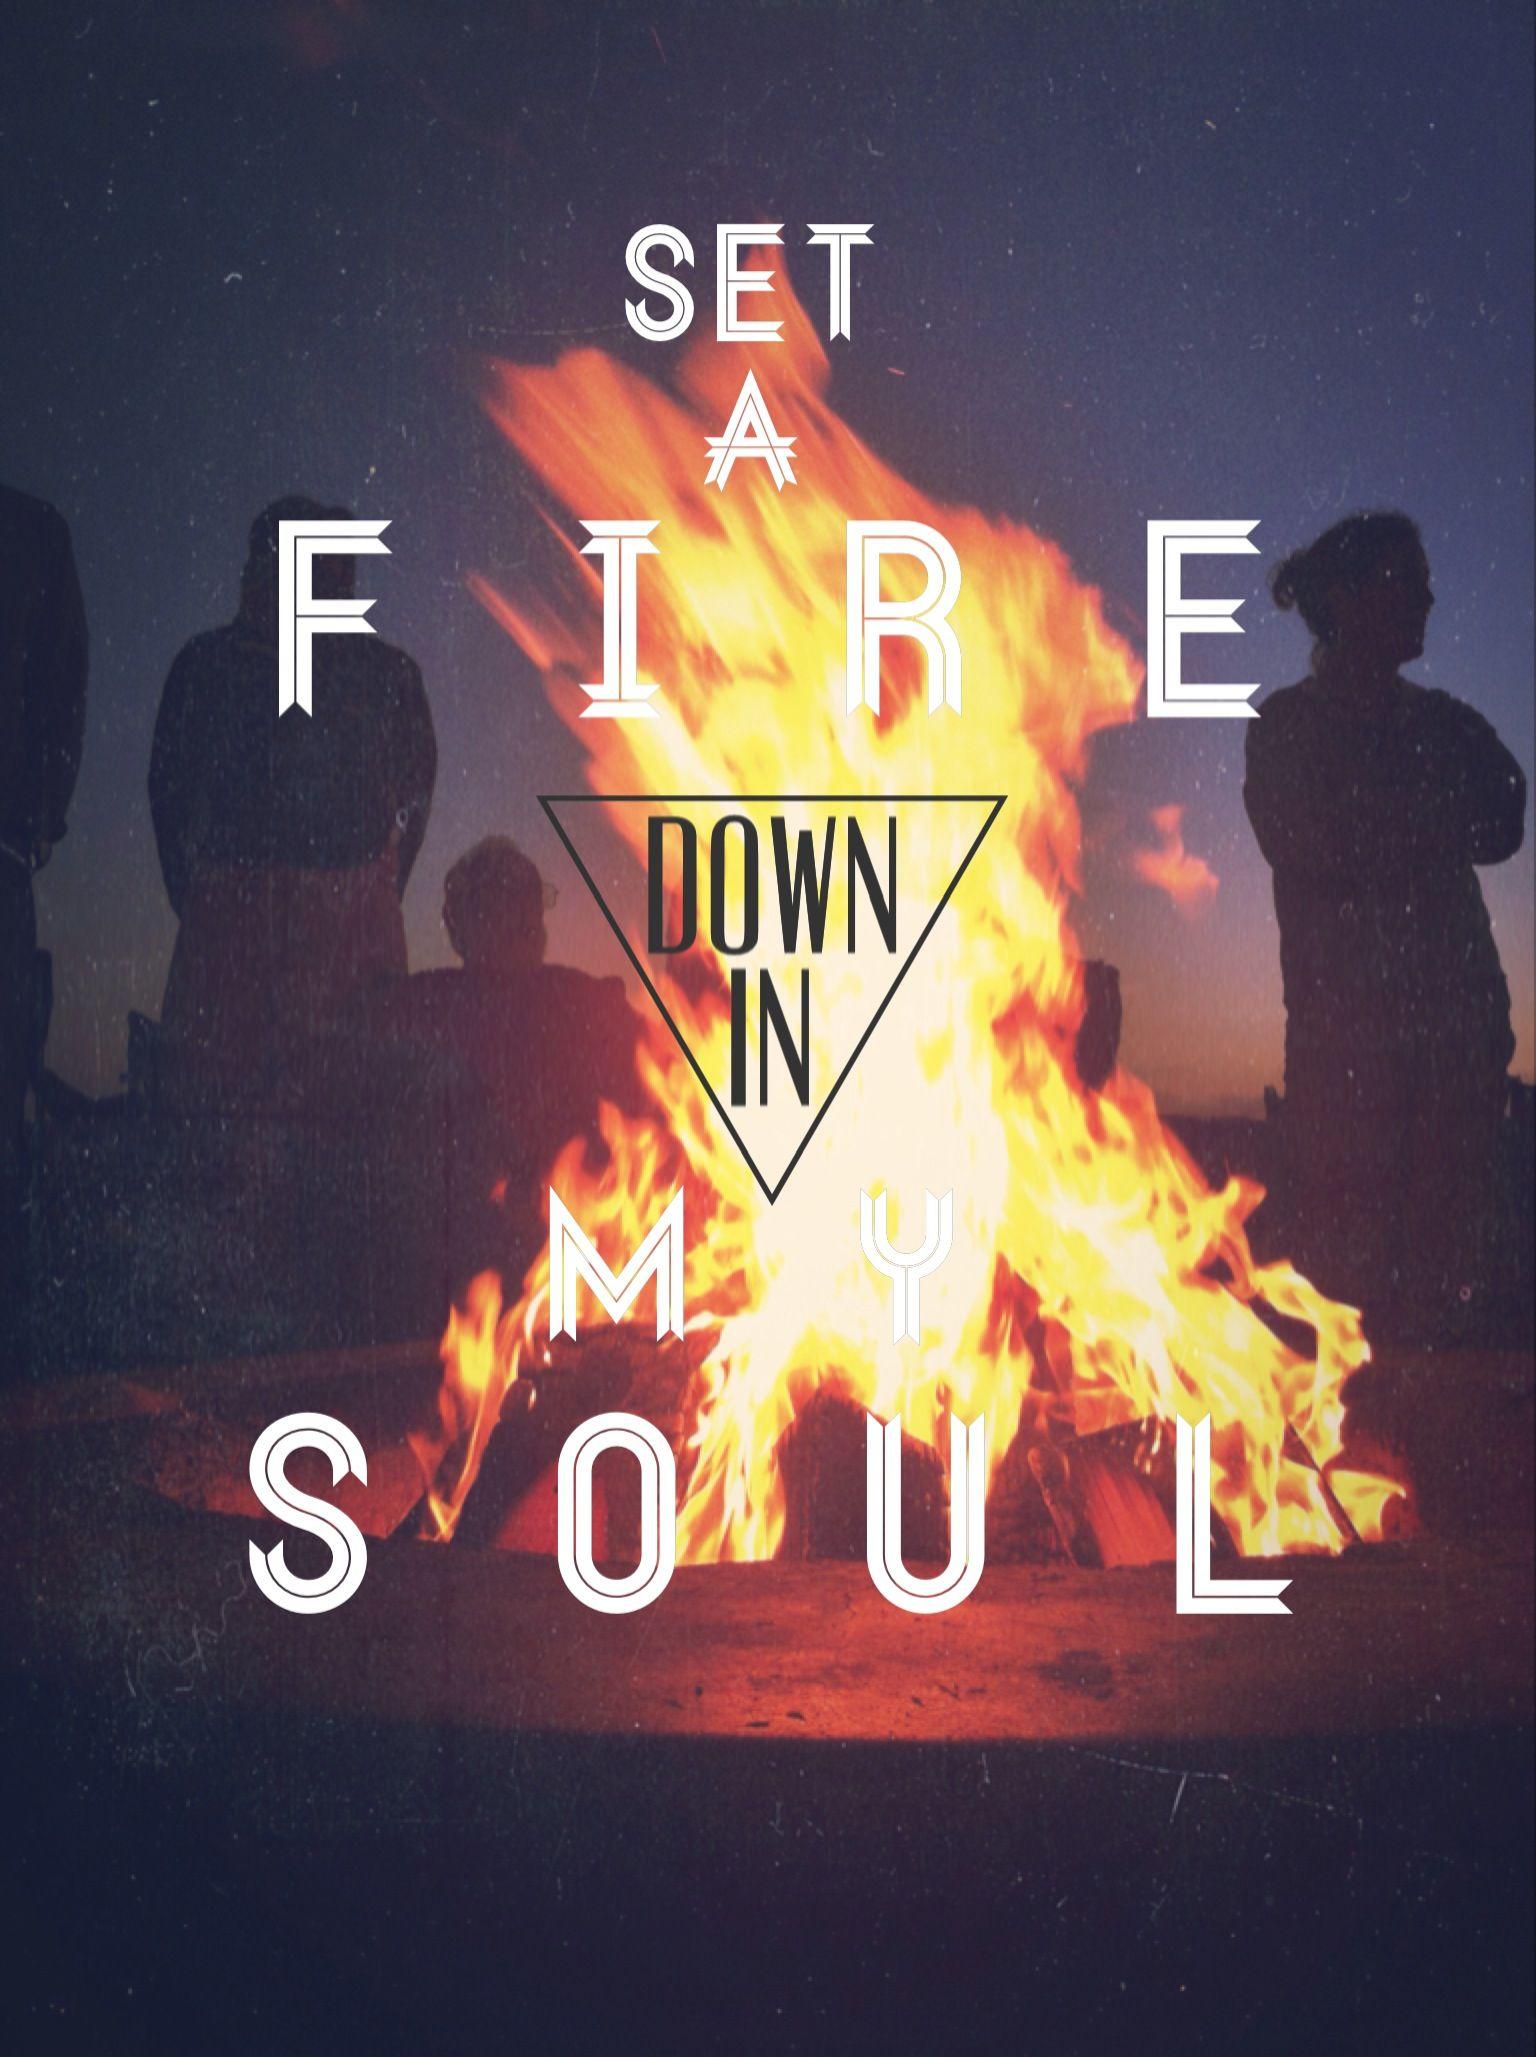 Set A fire | united pursuit | California beaches | bonfire